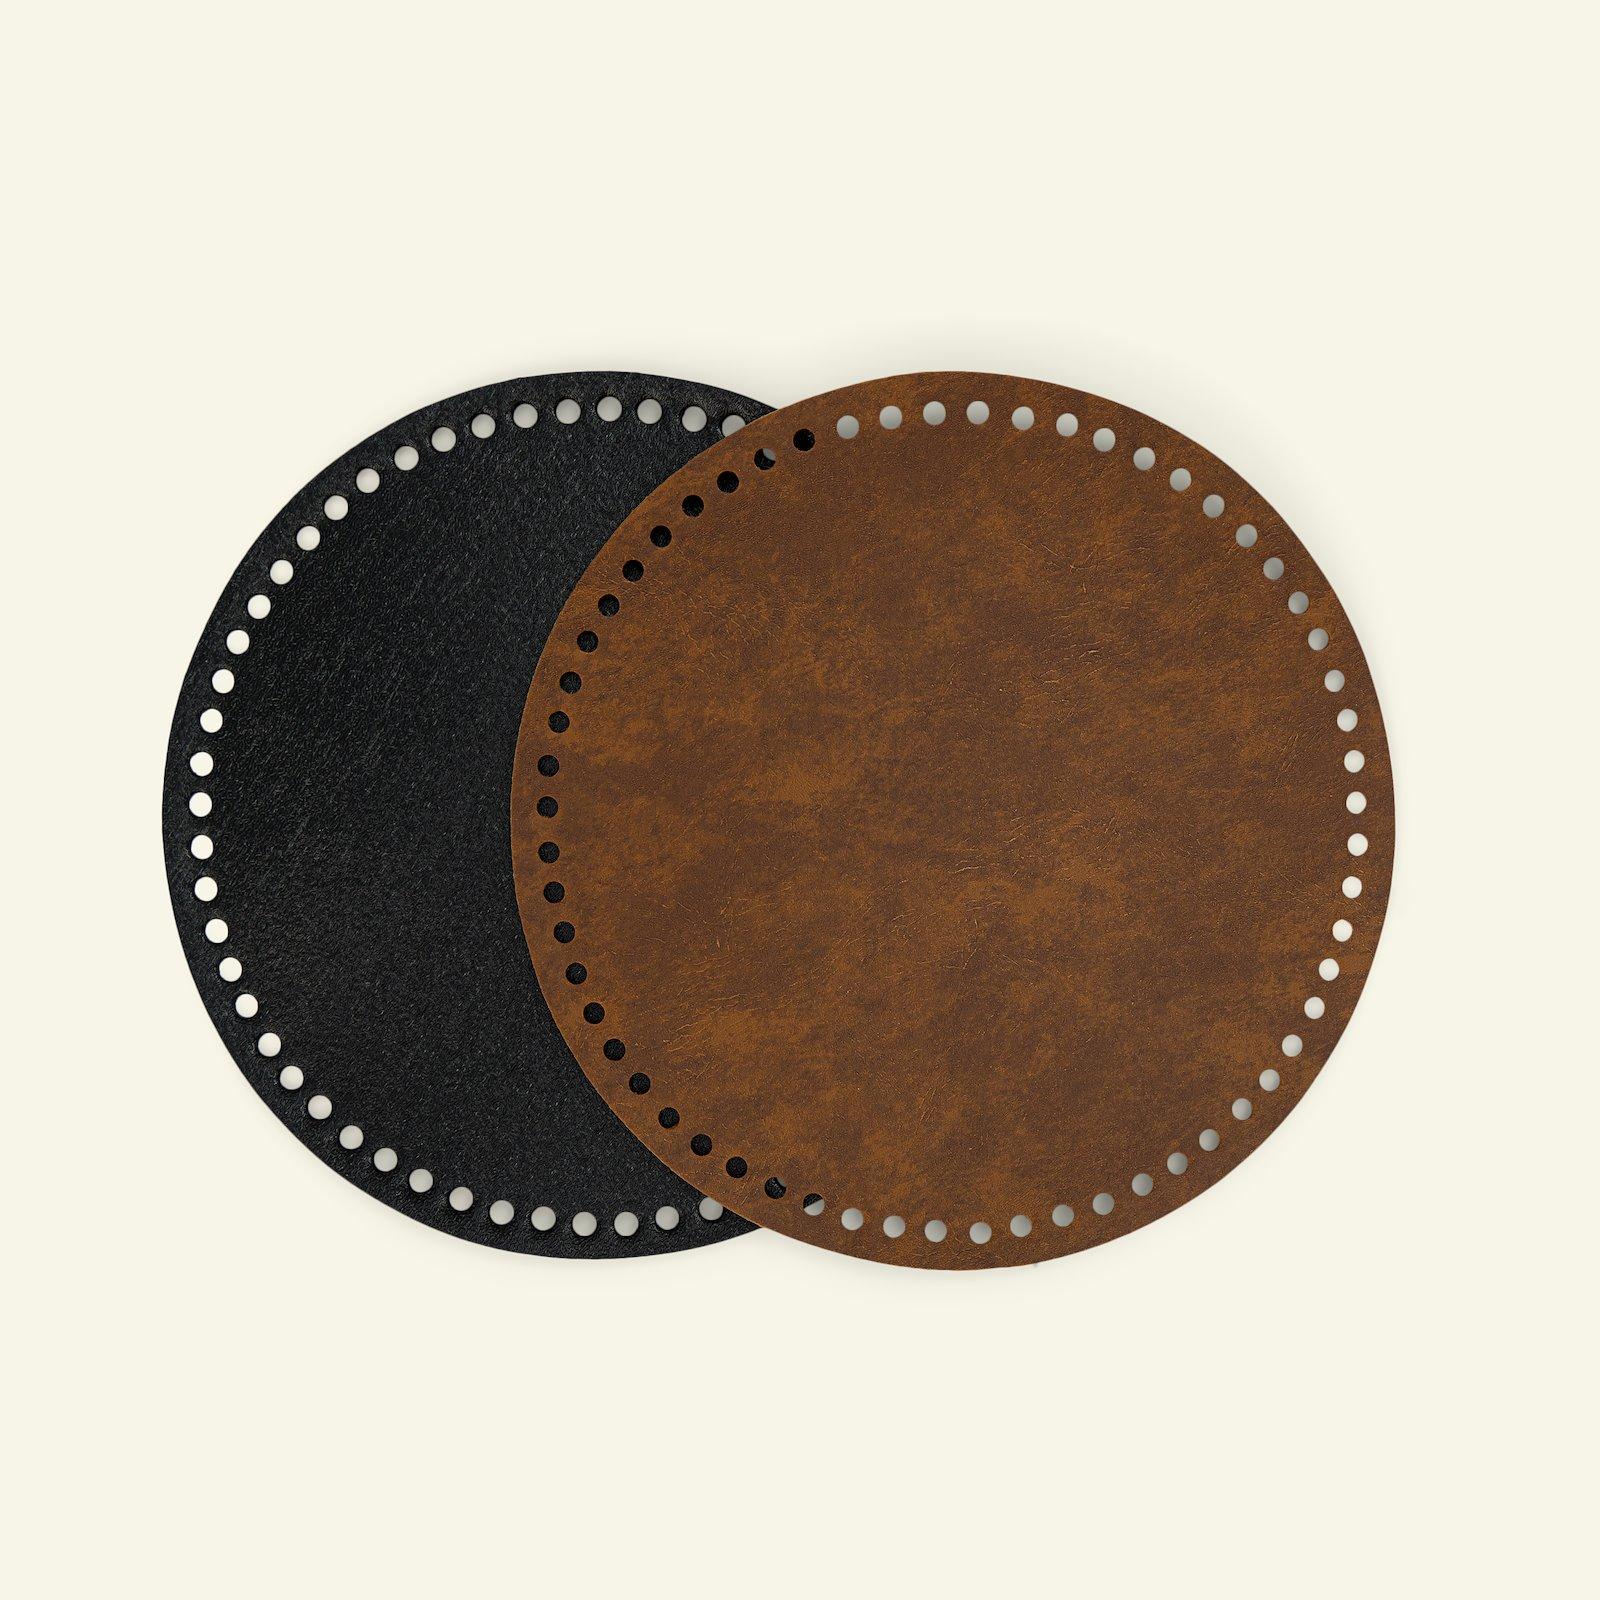 FRAYA Taschen-/Korbboden 20cm Braun, St. 83310_pack